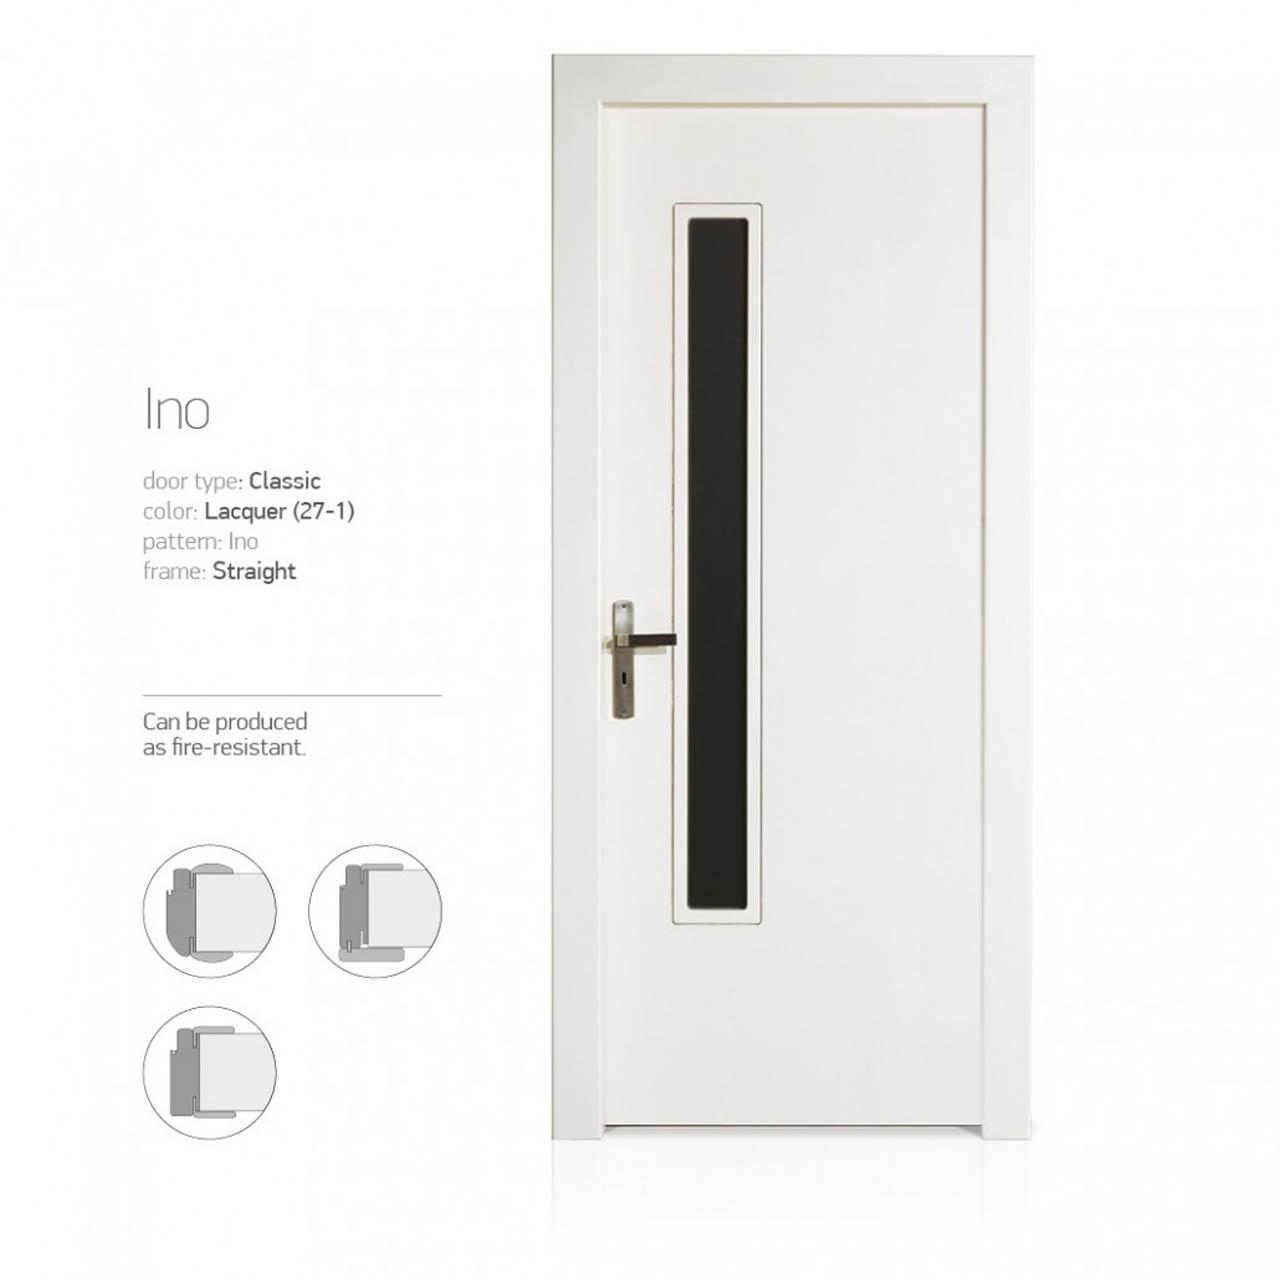 portes-site-classic-eng8-1030x1030